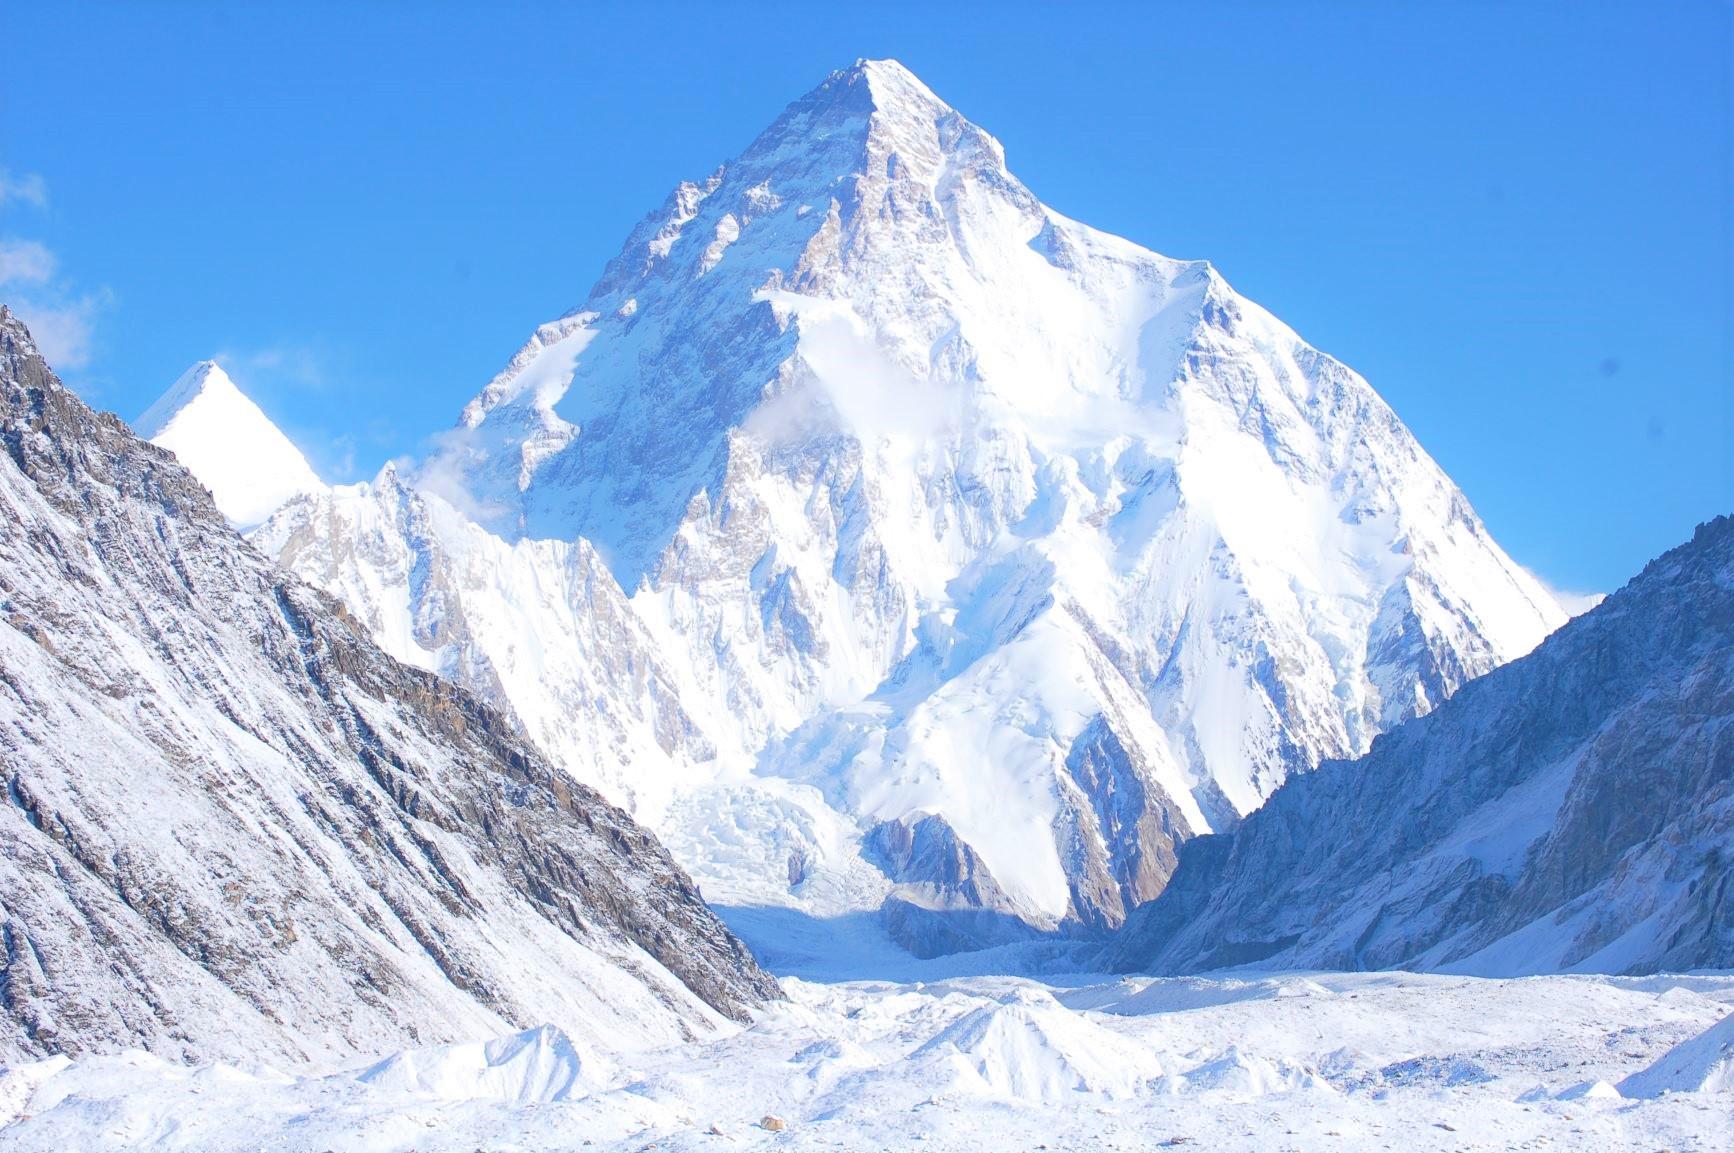 K2・バルトロ氷河トレッキング 24日間